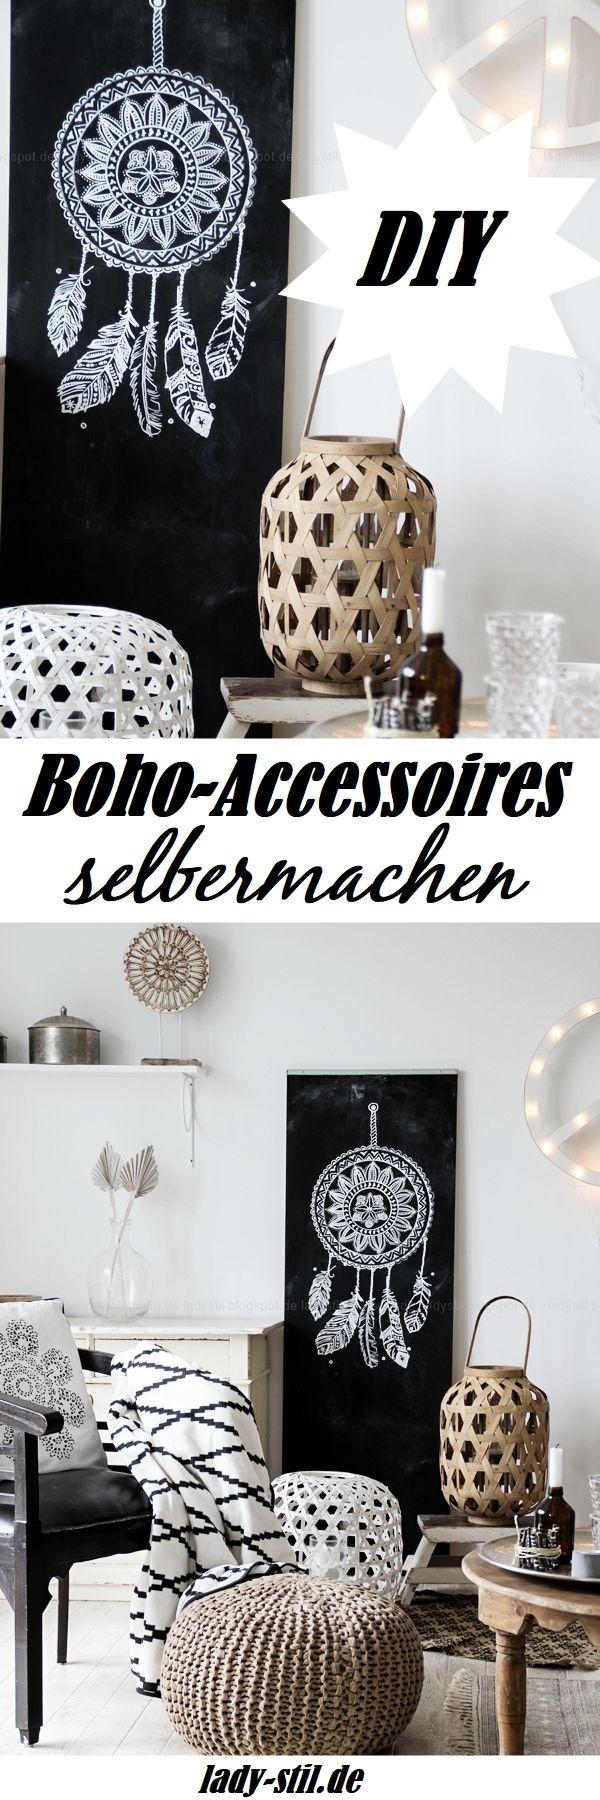 Boho Accessoires einfach selbermachen! Tolles DIY mit WOW-Effekt! Traumfänger auf Tafelwand!